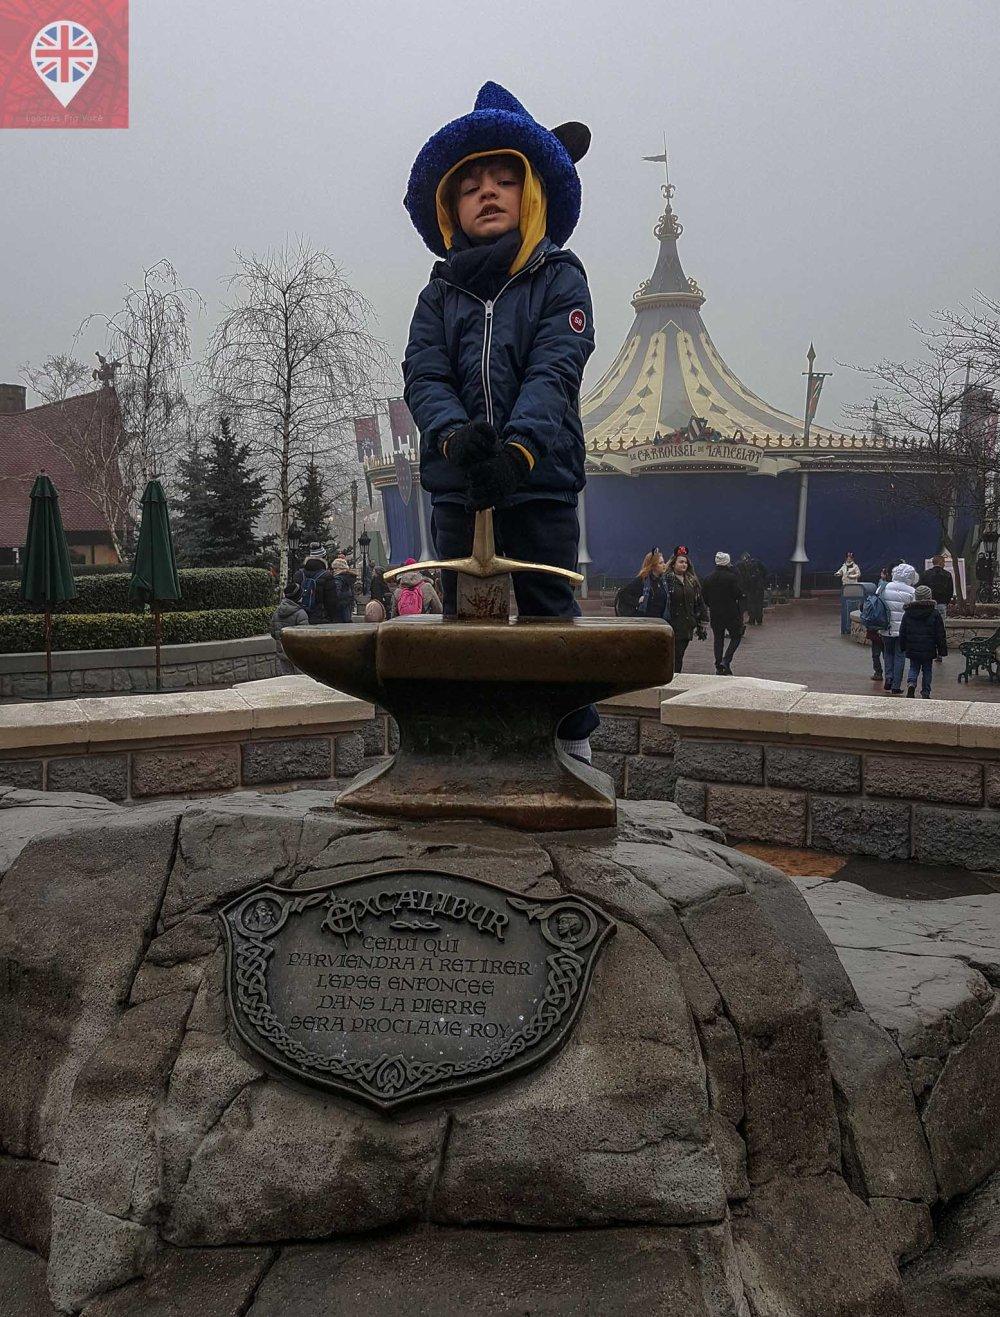 Disneyland Paris excalibur